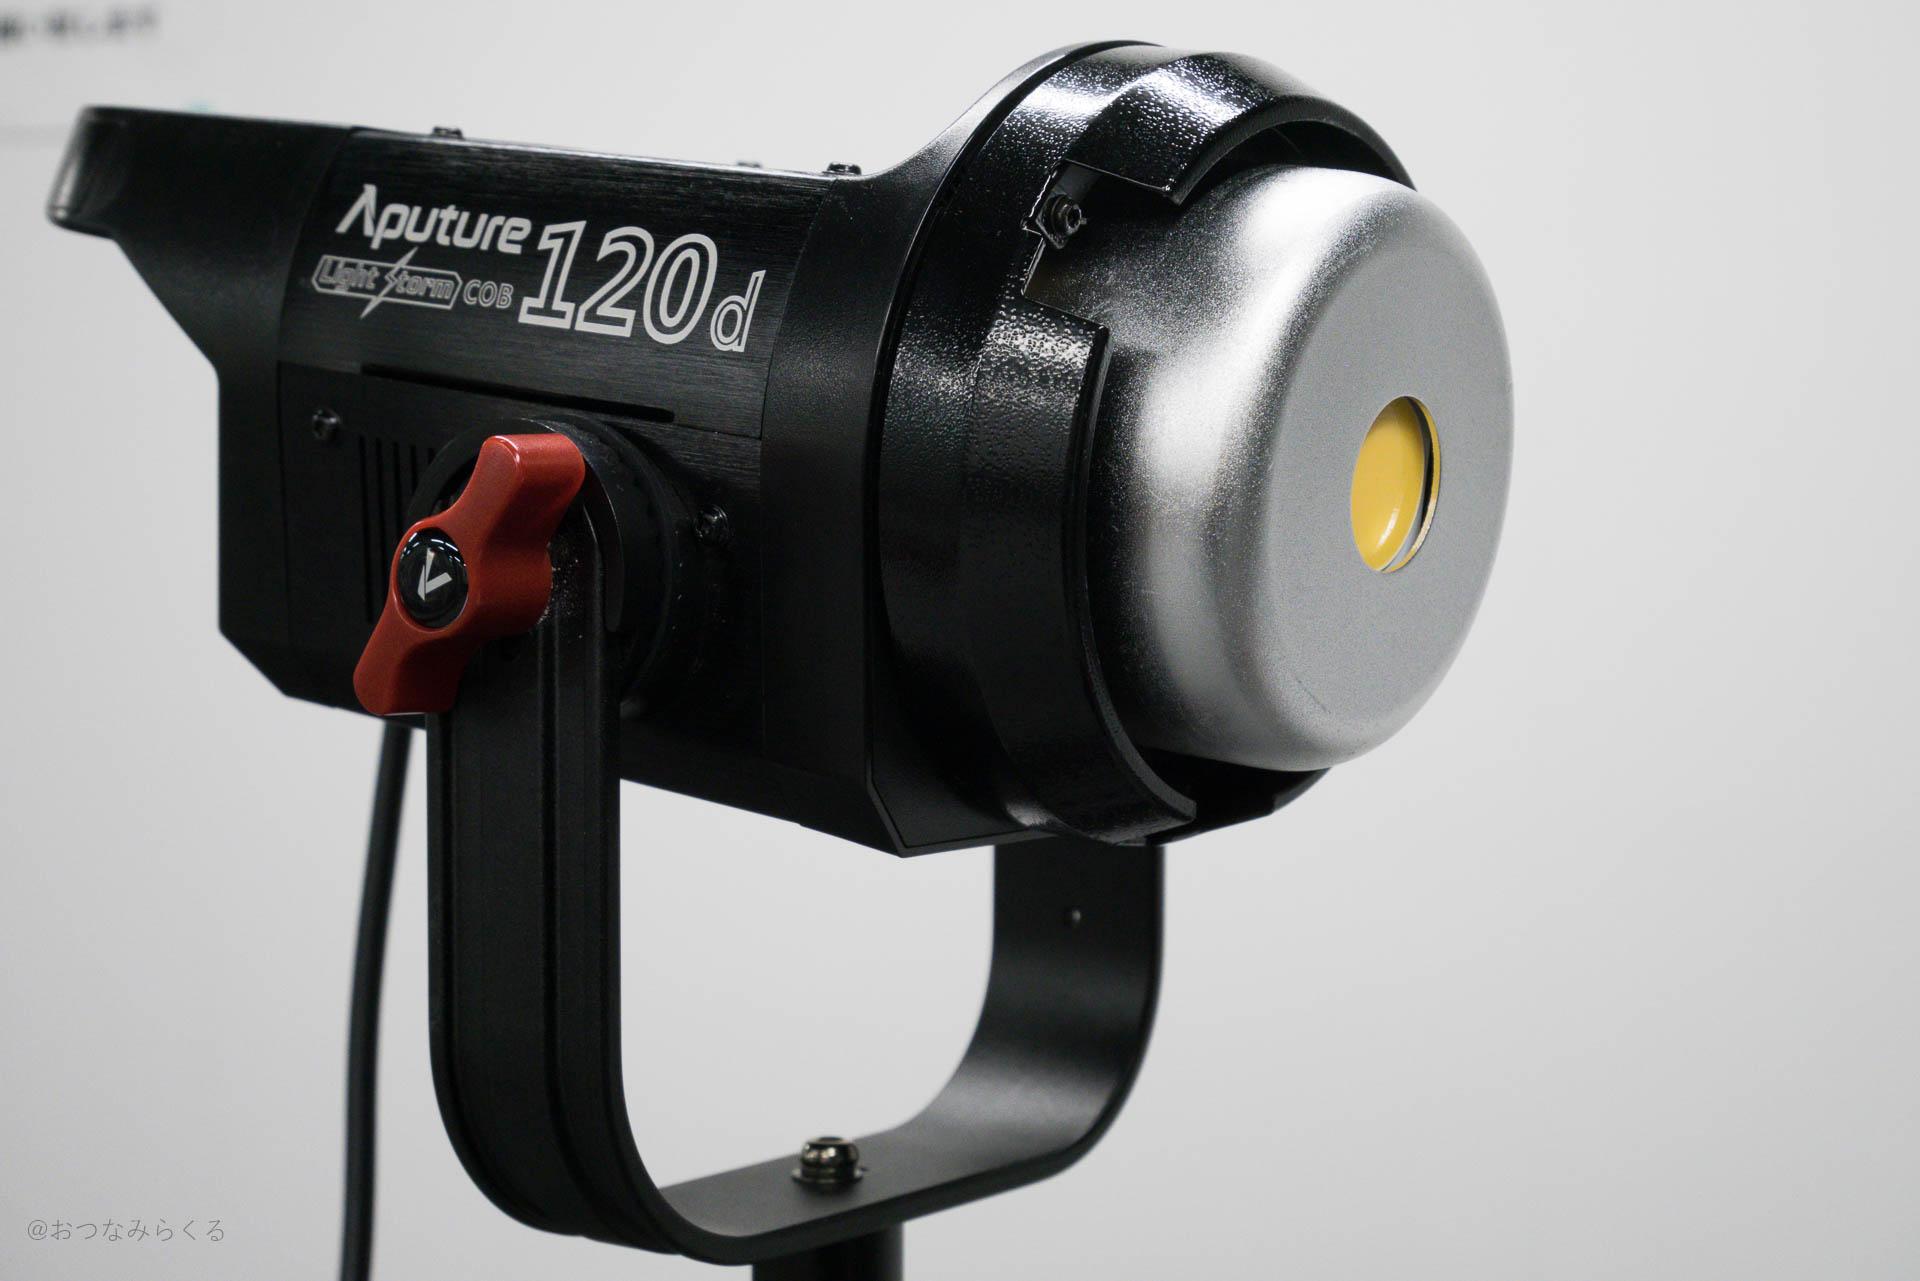 ケンコー・トキナー Apture 照明機材